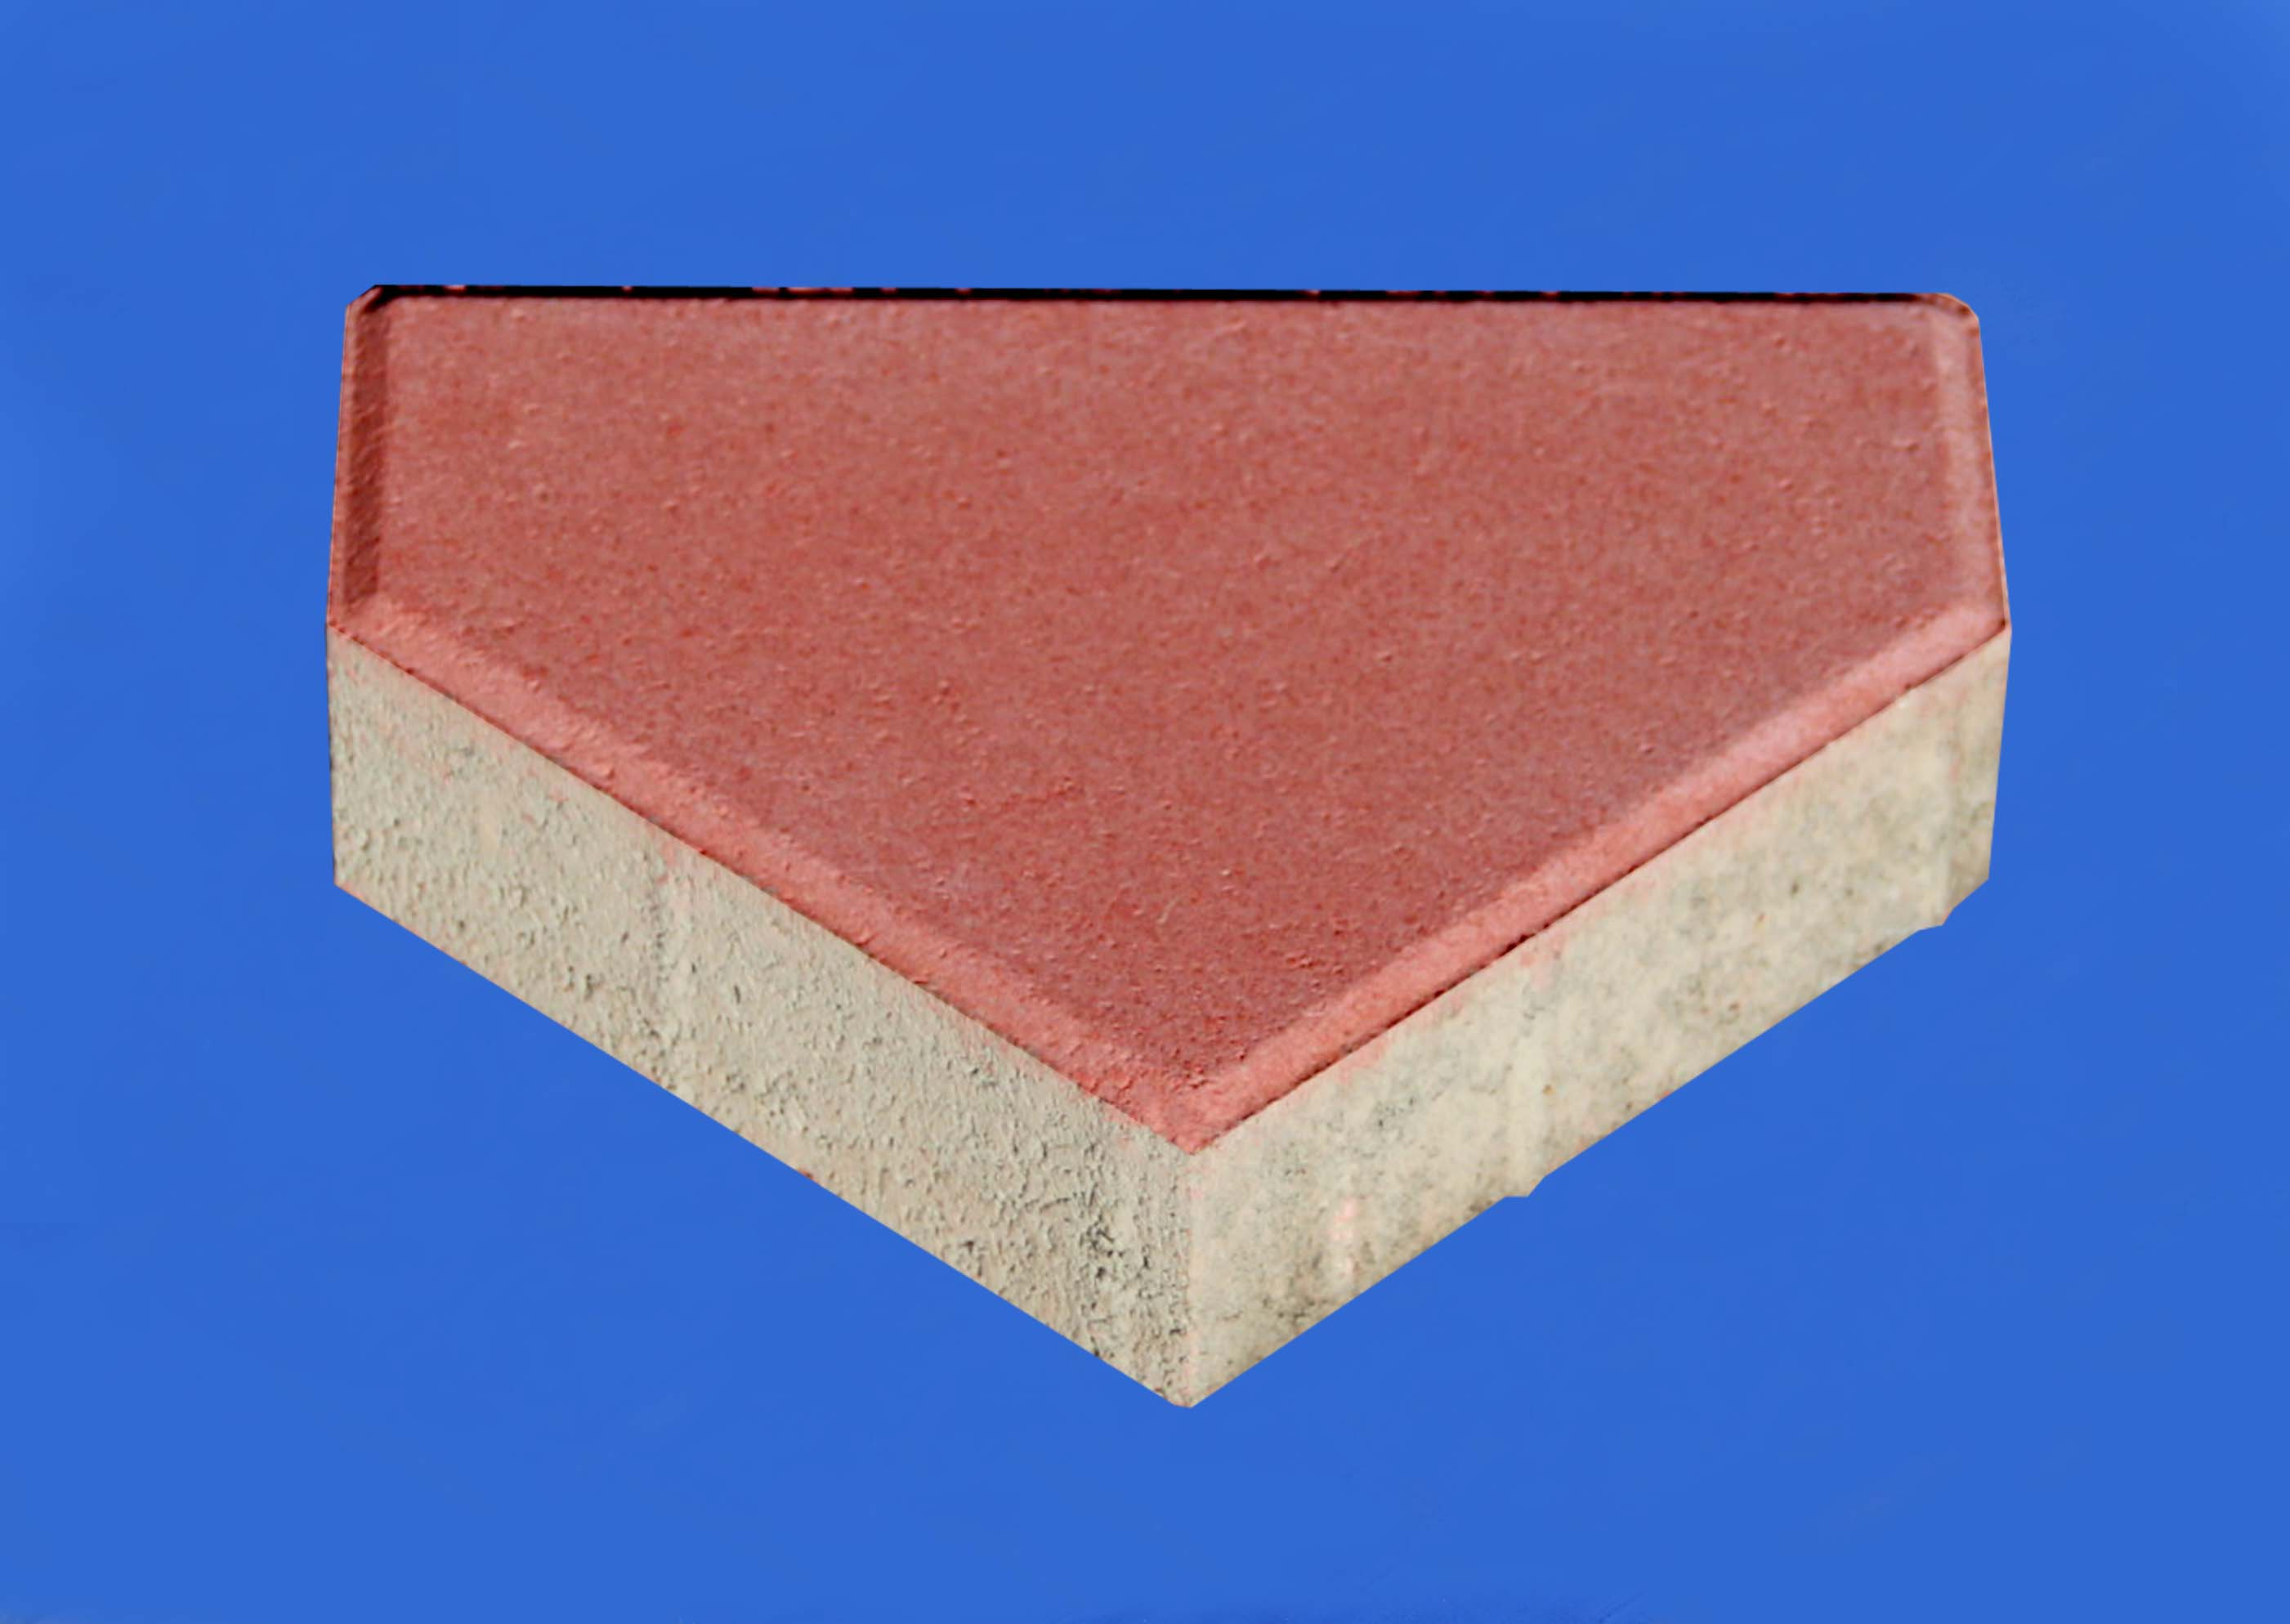 彩色地面磚系列之紅色箭頭磚